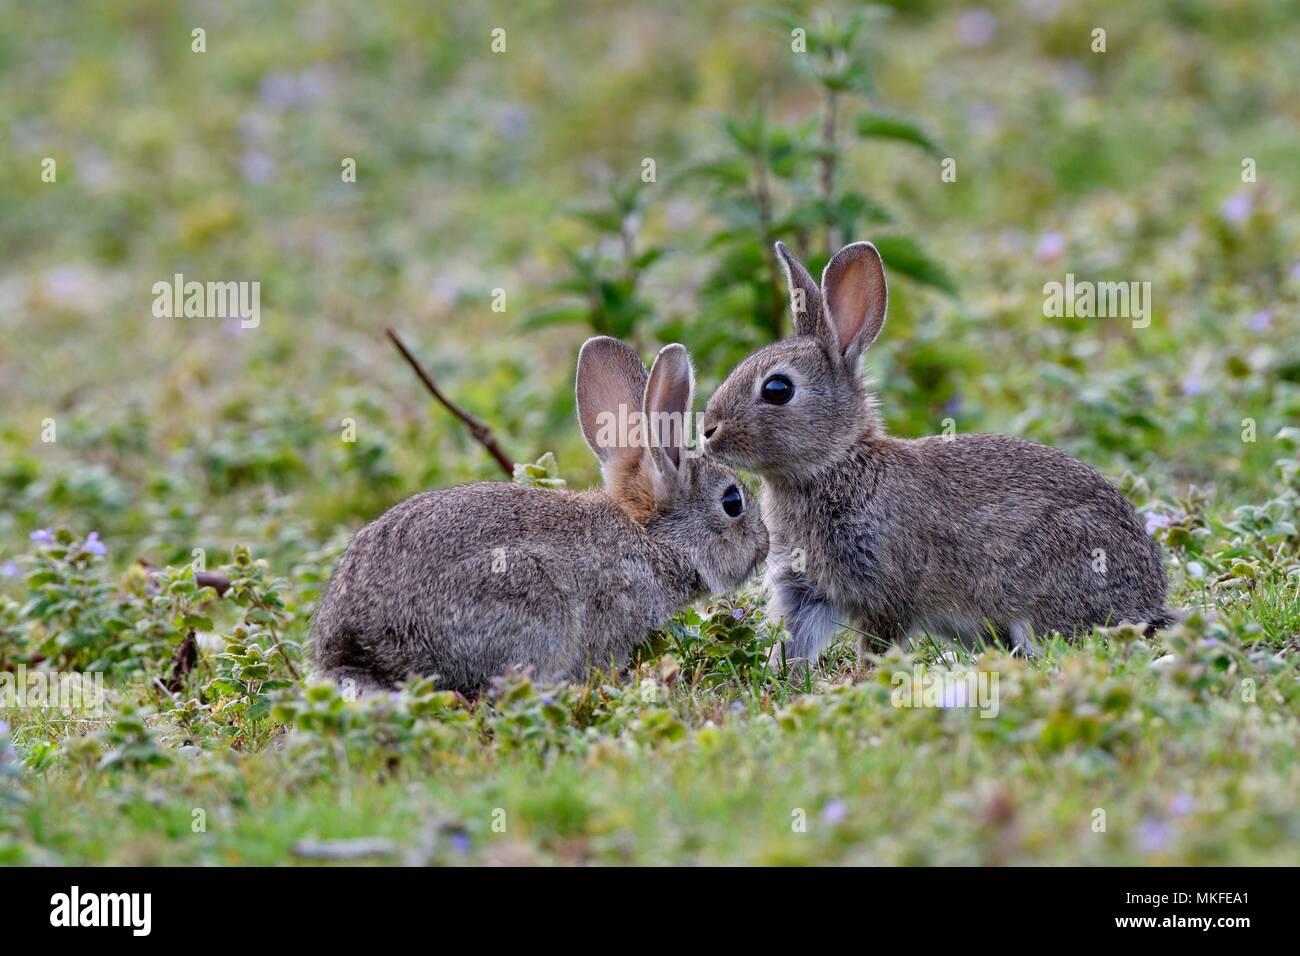 European rabbits (Oryctolagus cuniculus), Doubs valley, Franche-Comte, France - Stock Image